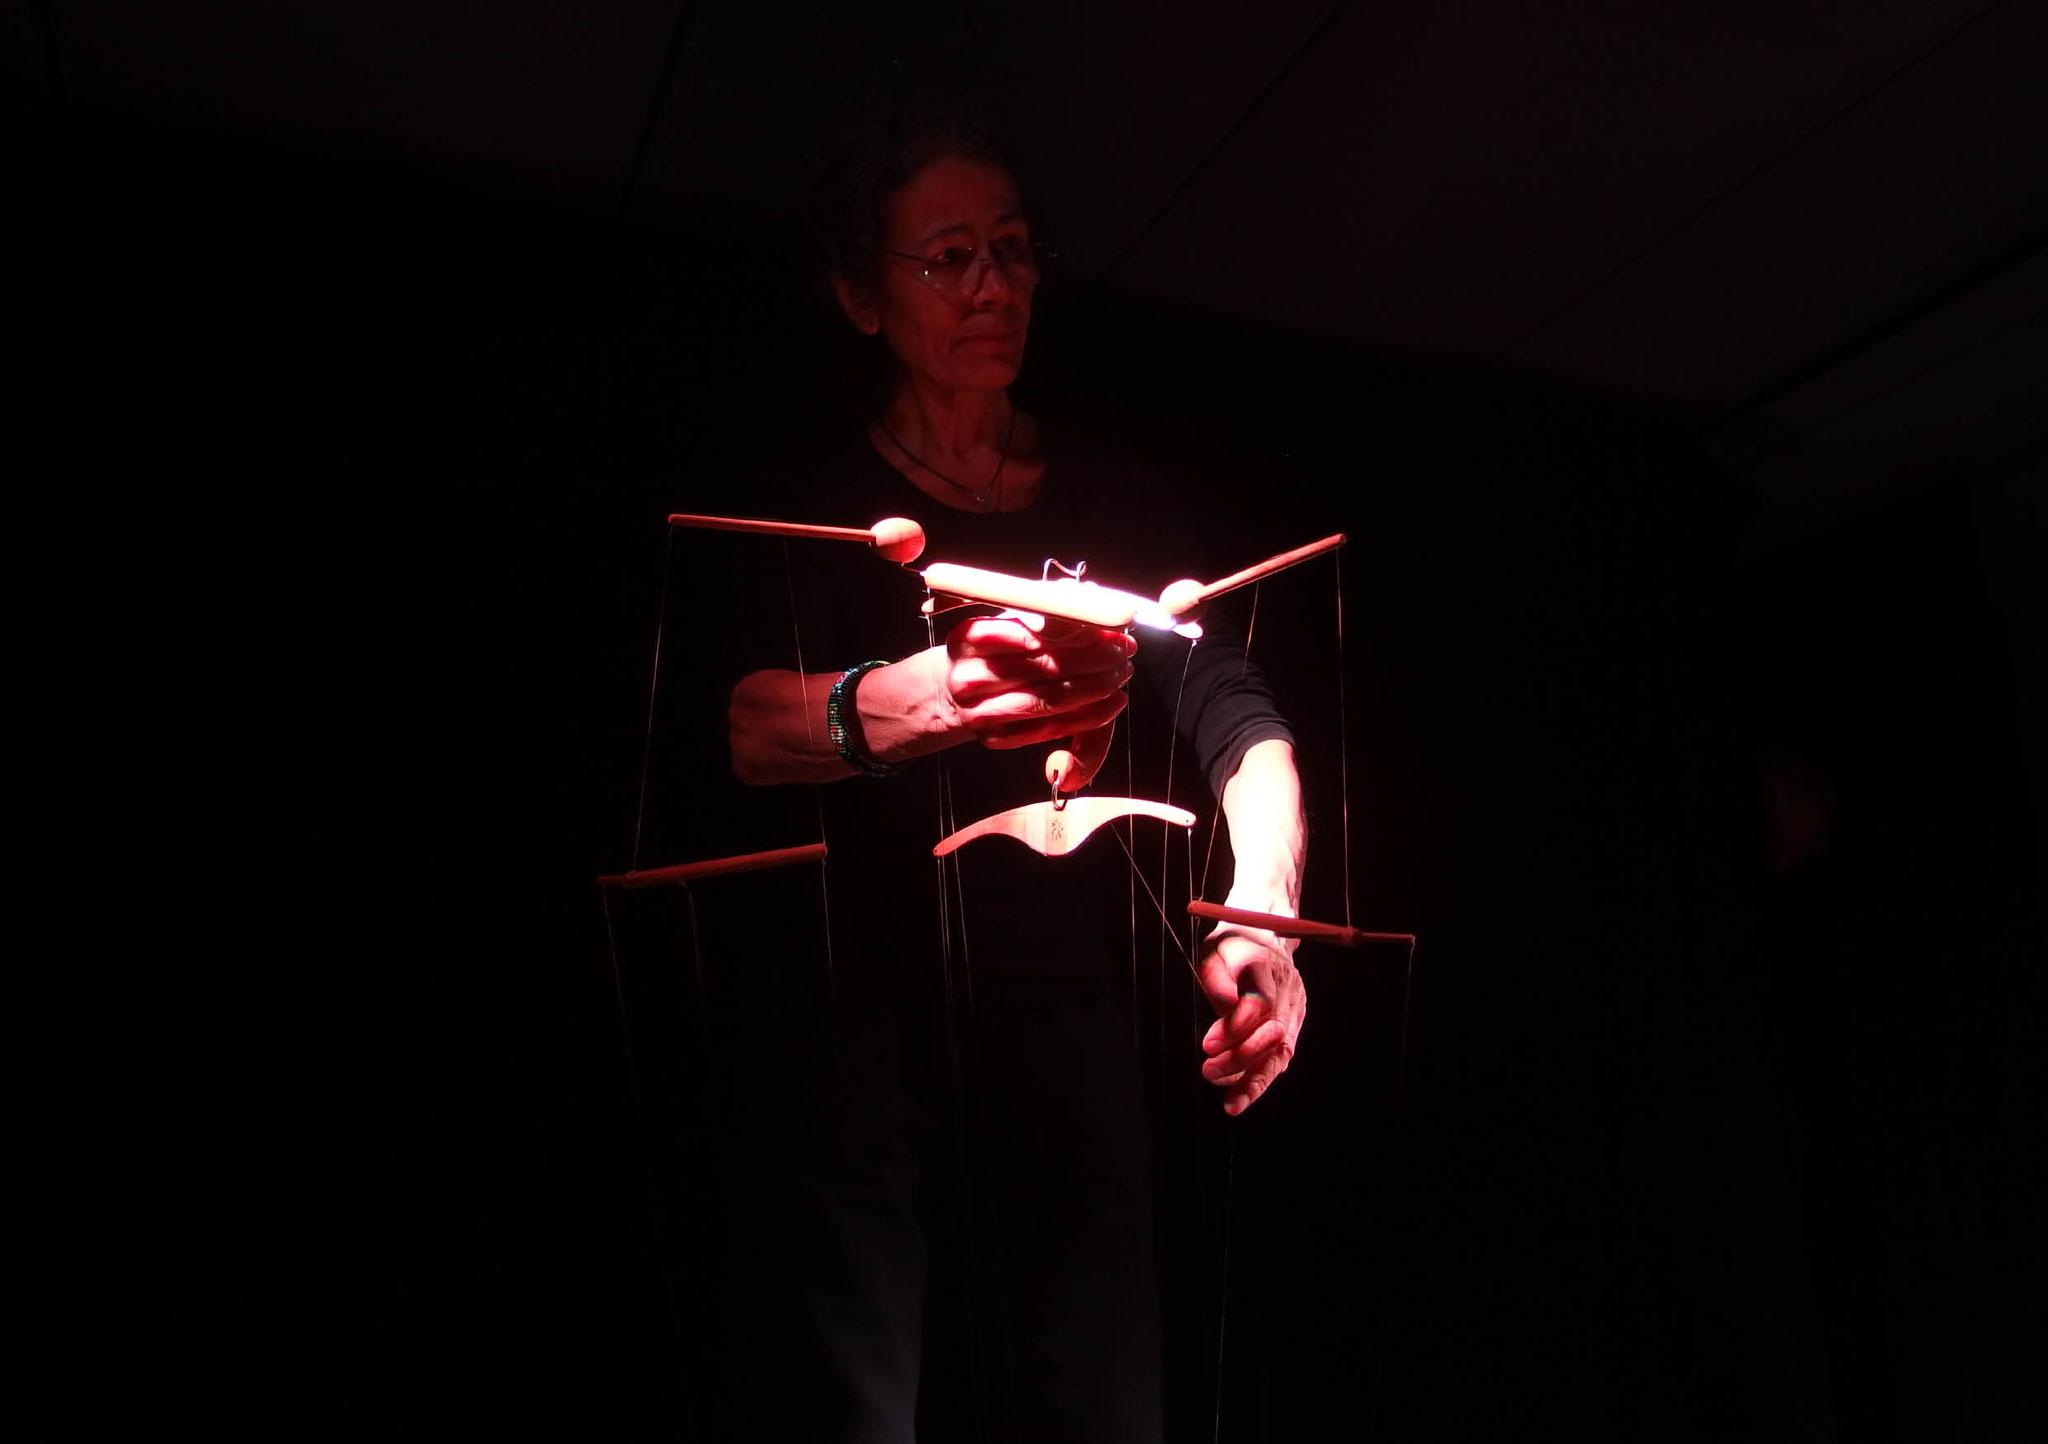 Marionettenspiel Cagibi: Catharine Cunz